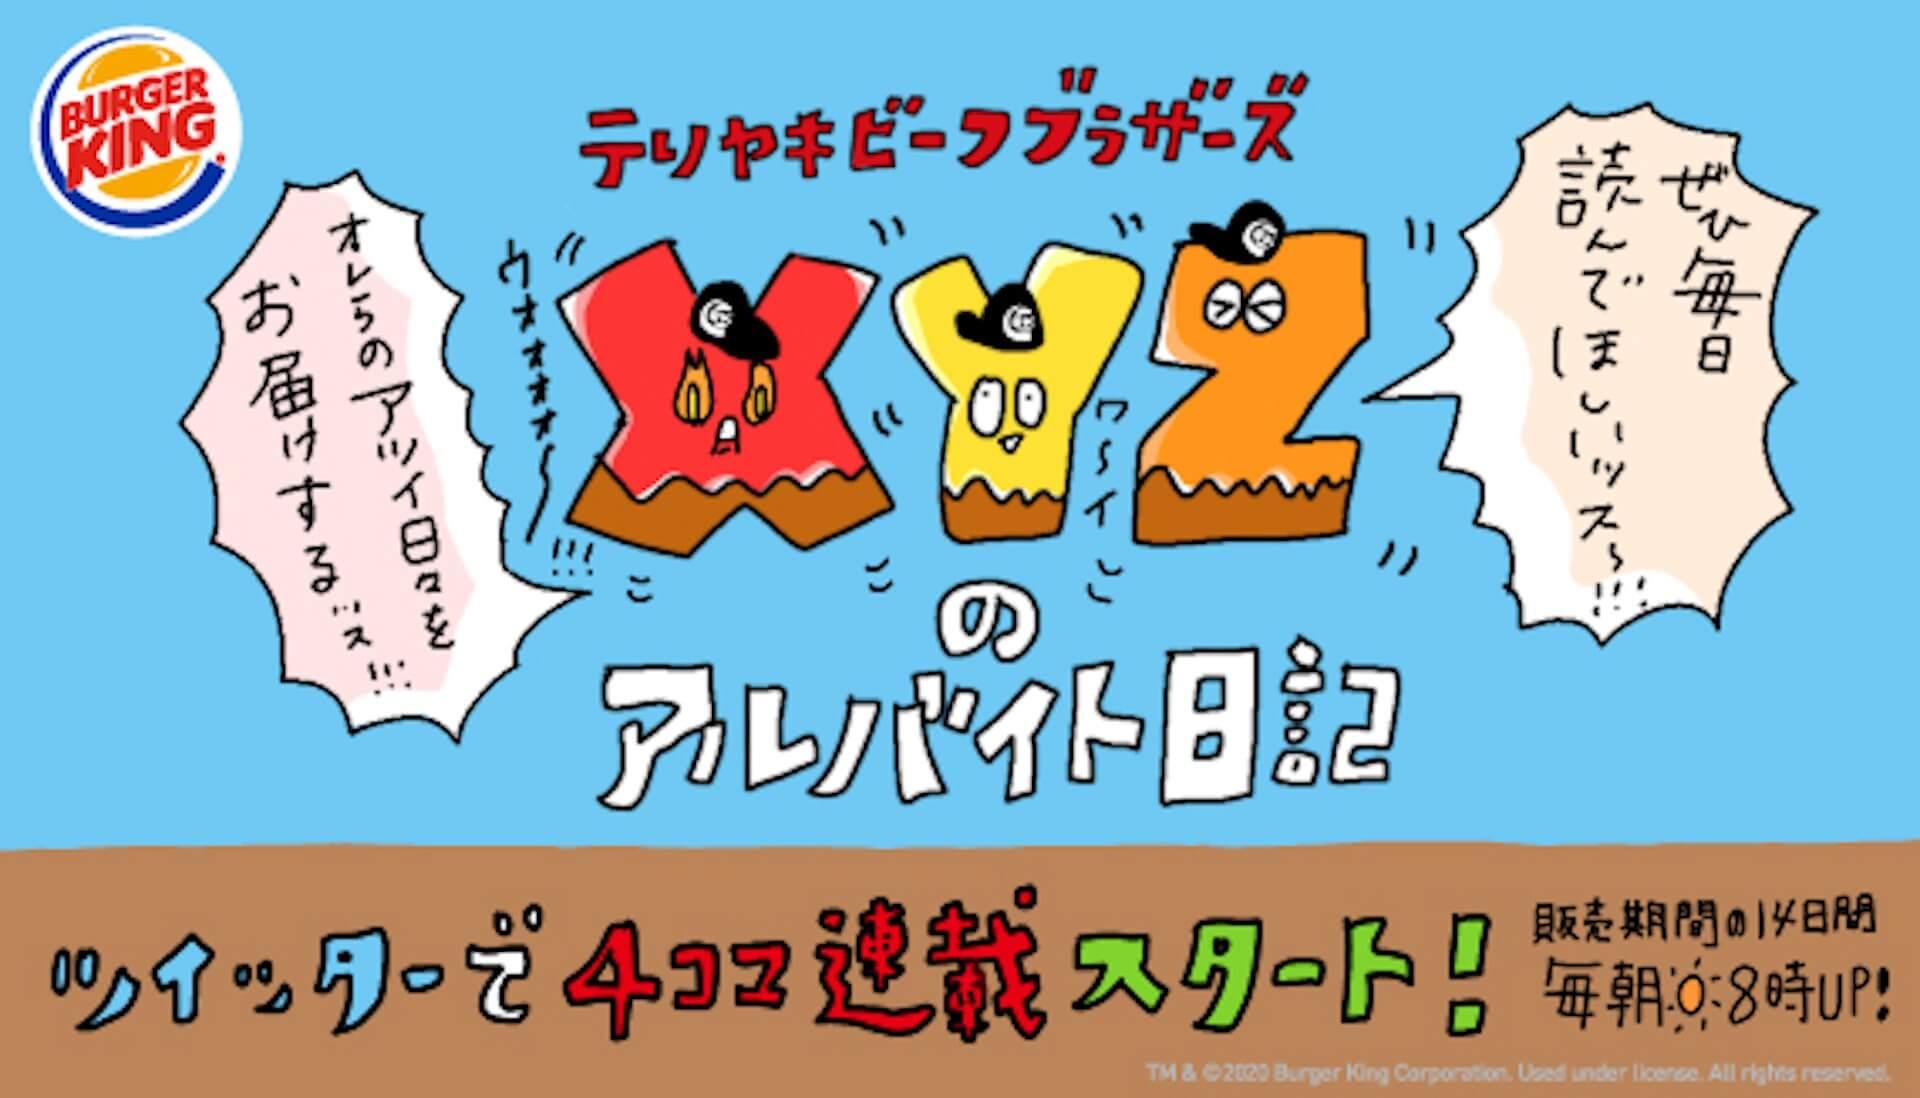 セットで550円!ダブルソースのテリヤキバーガーX、Y、Zがバーガーキング(R)から2週間限定で新発売 gourmet200703_burgerking_teriyakixyz_02